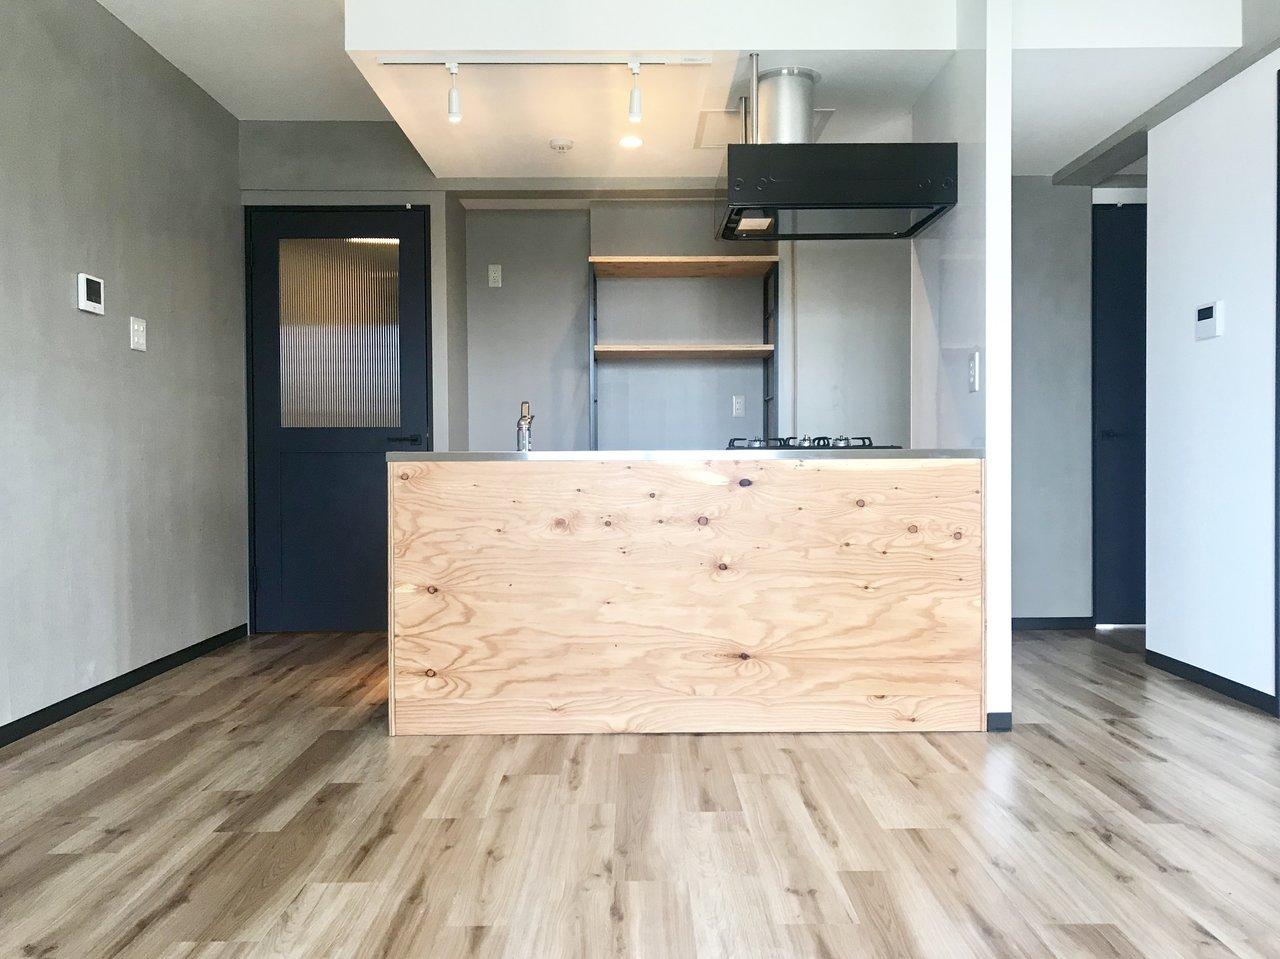 さて、先ほどのお部屋と同様に幌平橋駅が最寄のこちらのお部屋。新築で同じくキッチンに木材が使用された、おしゃれ物件です。